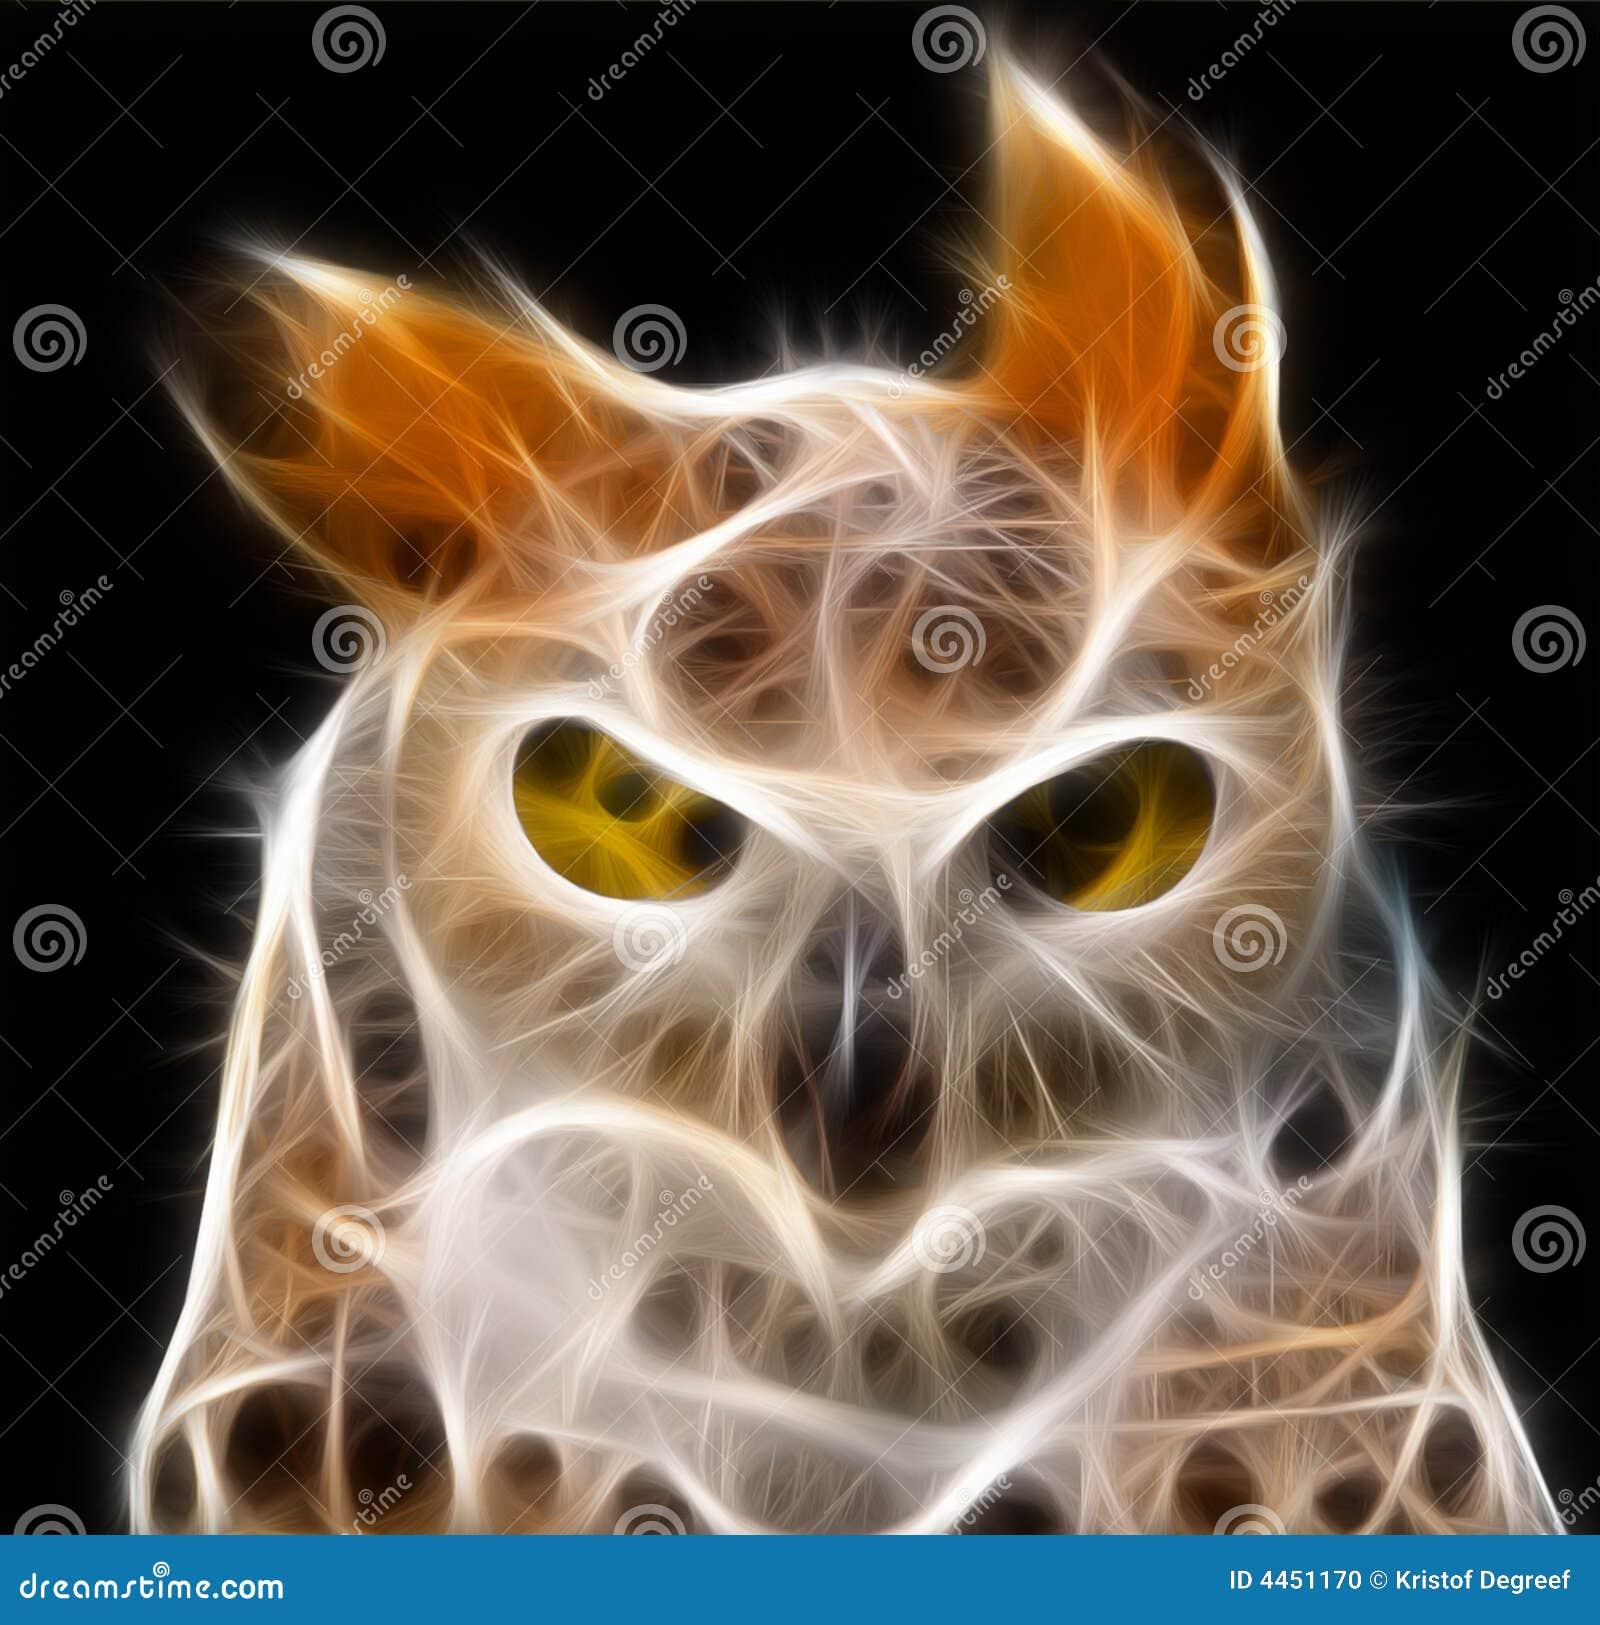 Eyes owlen